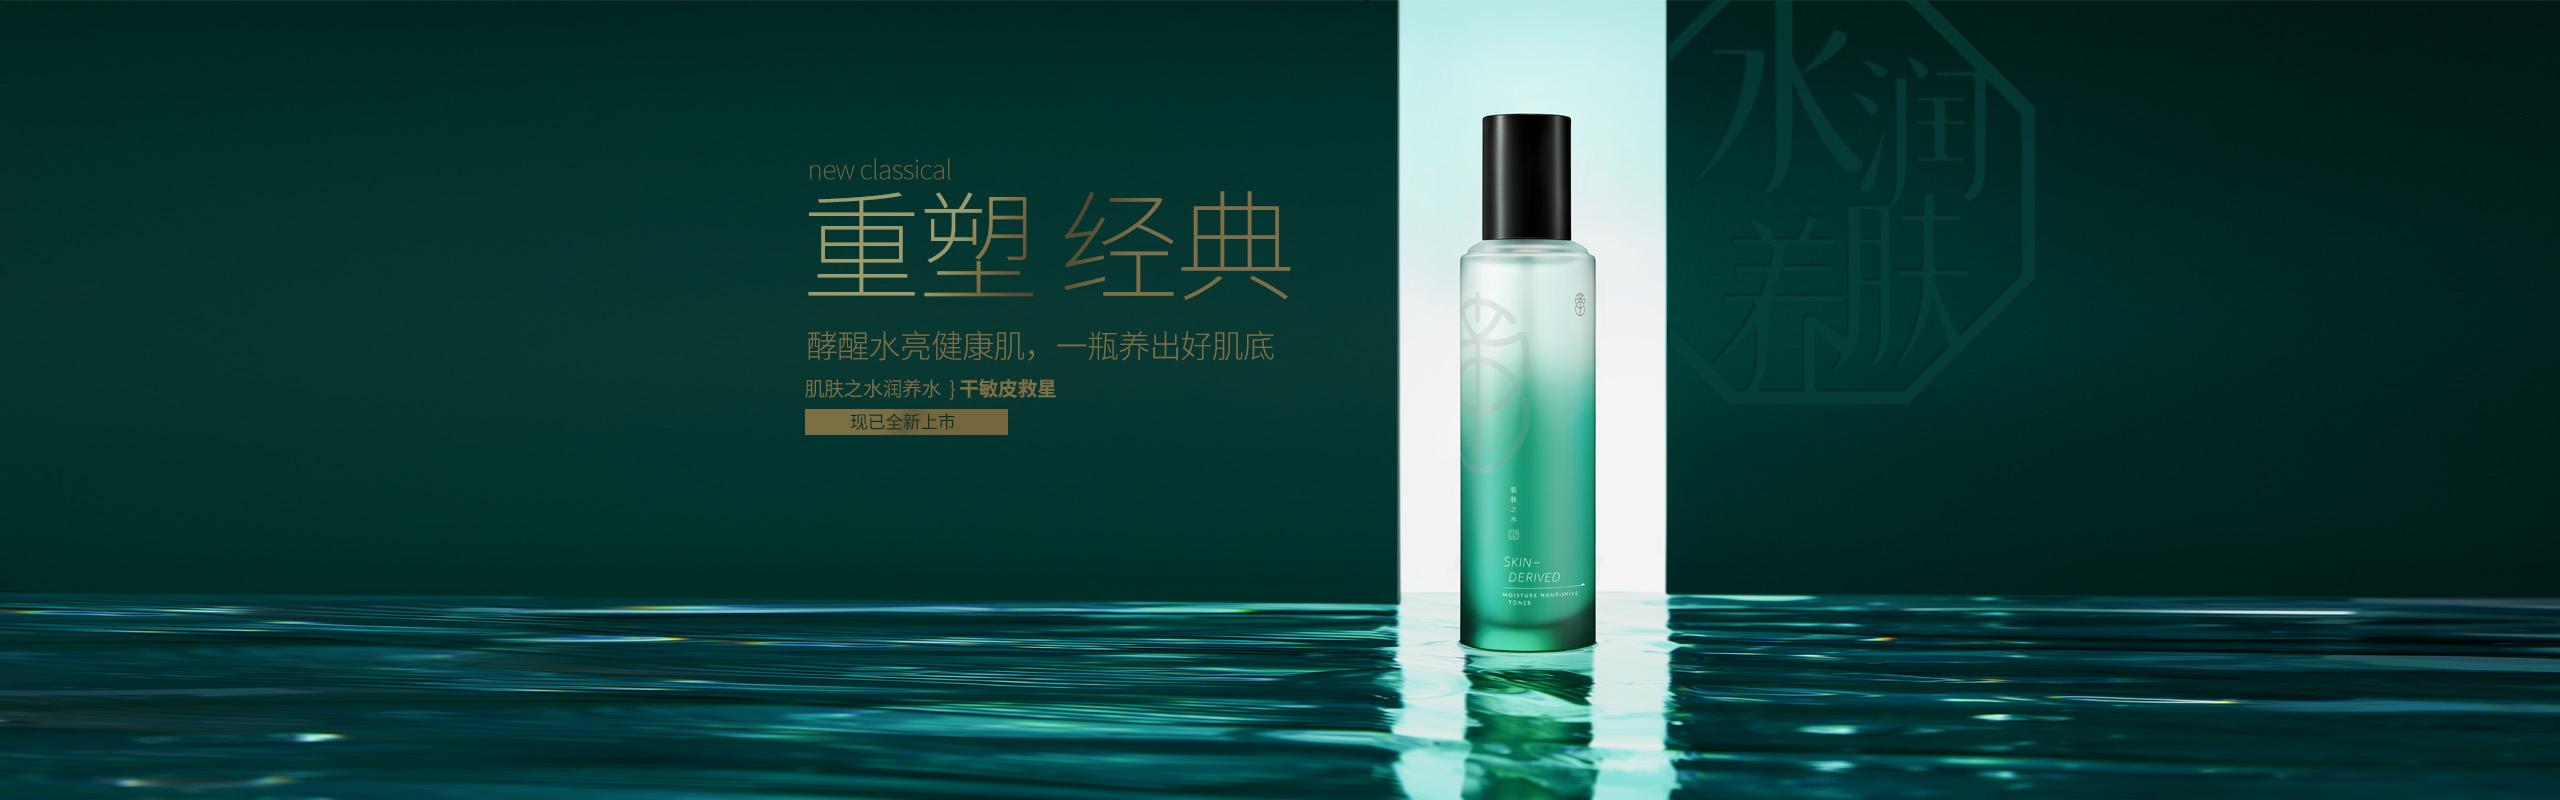 重塑经典--肌肤之水润养水